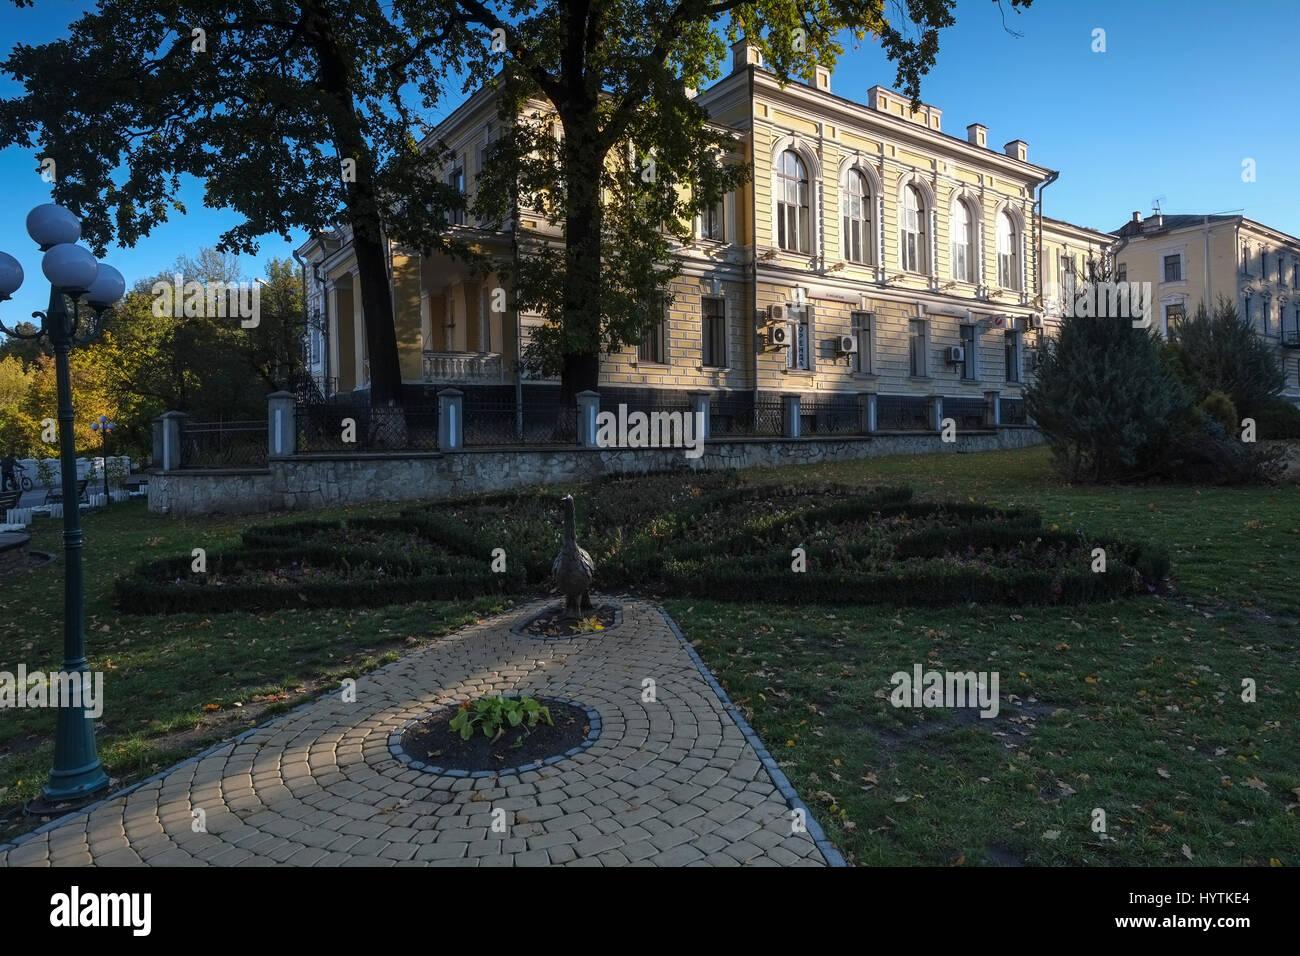 Bella e antica neo classica edificio accanto al ponte novoplanivskyi in kamianets-podilskyi Ucraina occidentale. Foto Stock